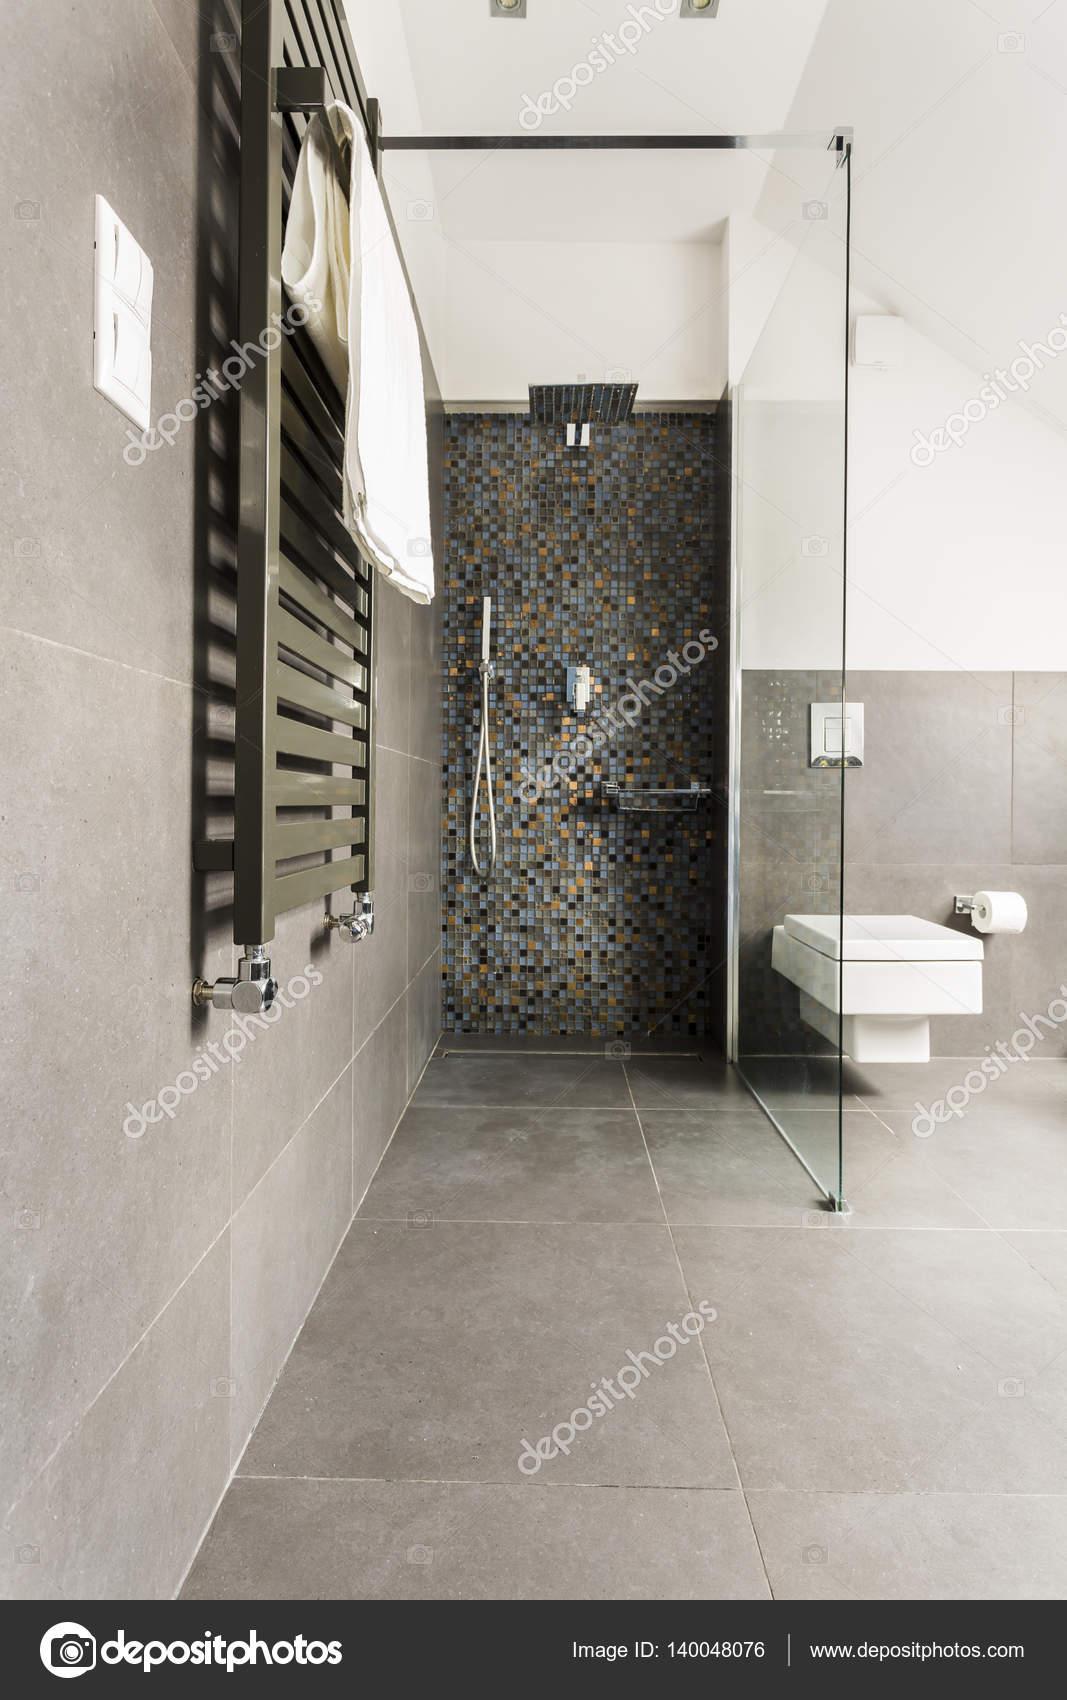 Graue Badezimmer Mit Glänzenden Fliesen Stockfoto Photographee - Fliesen grau glänzend